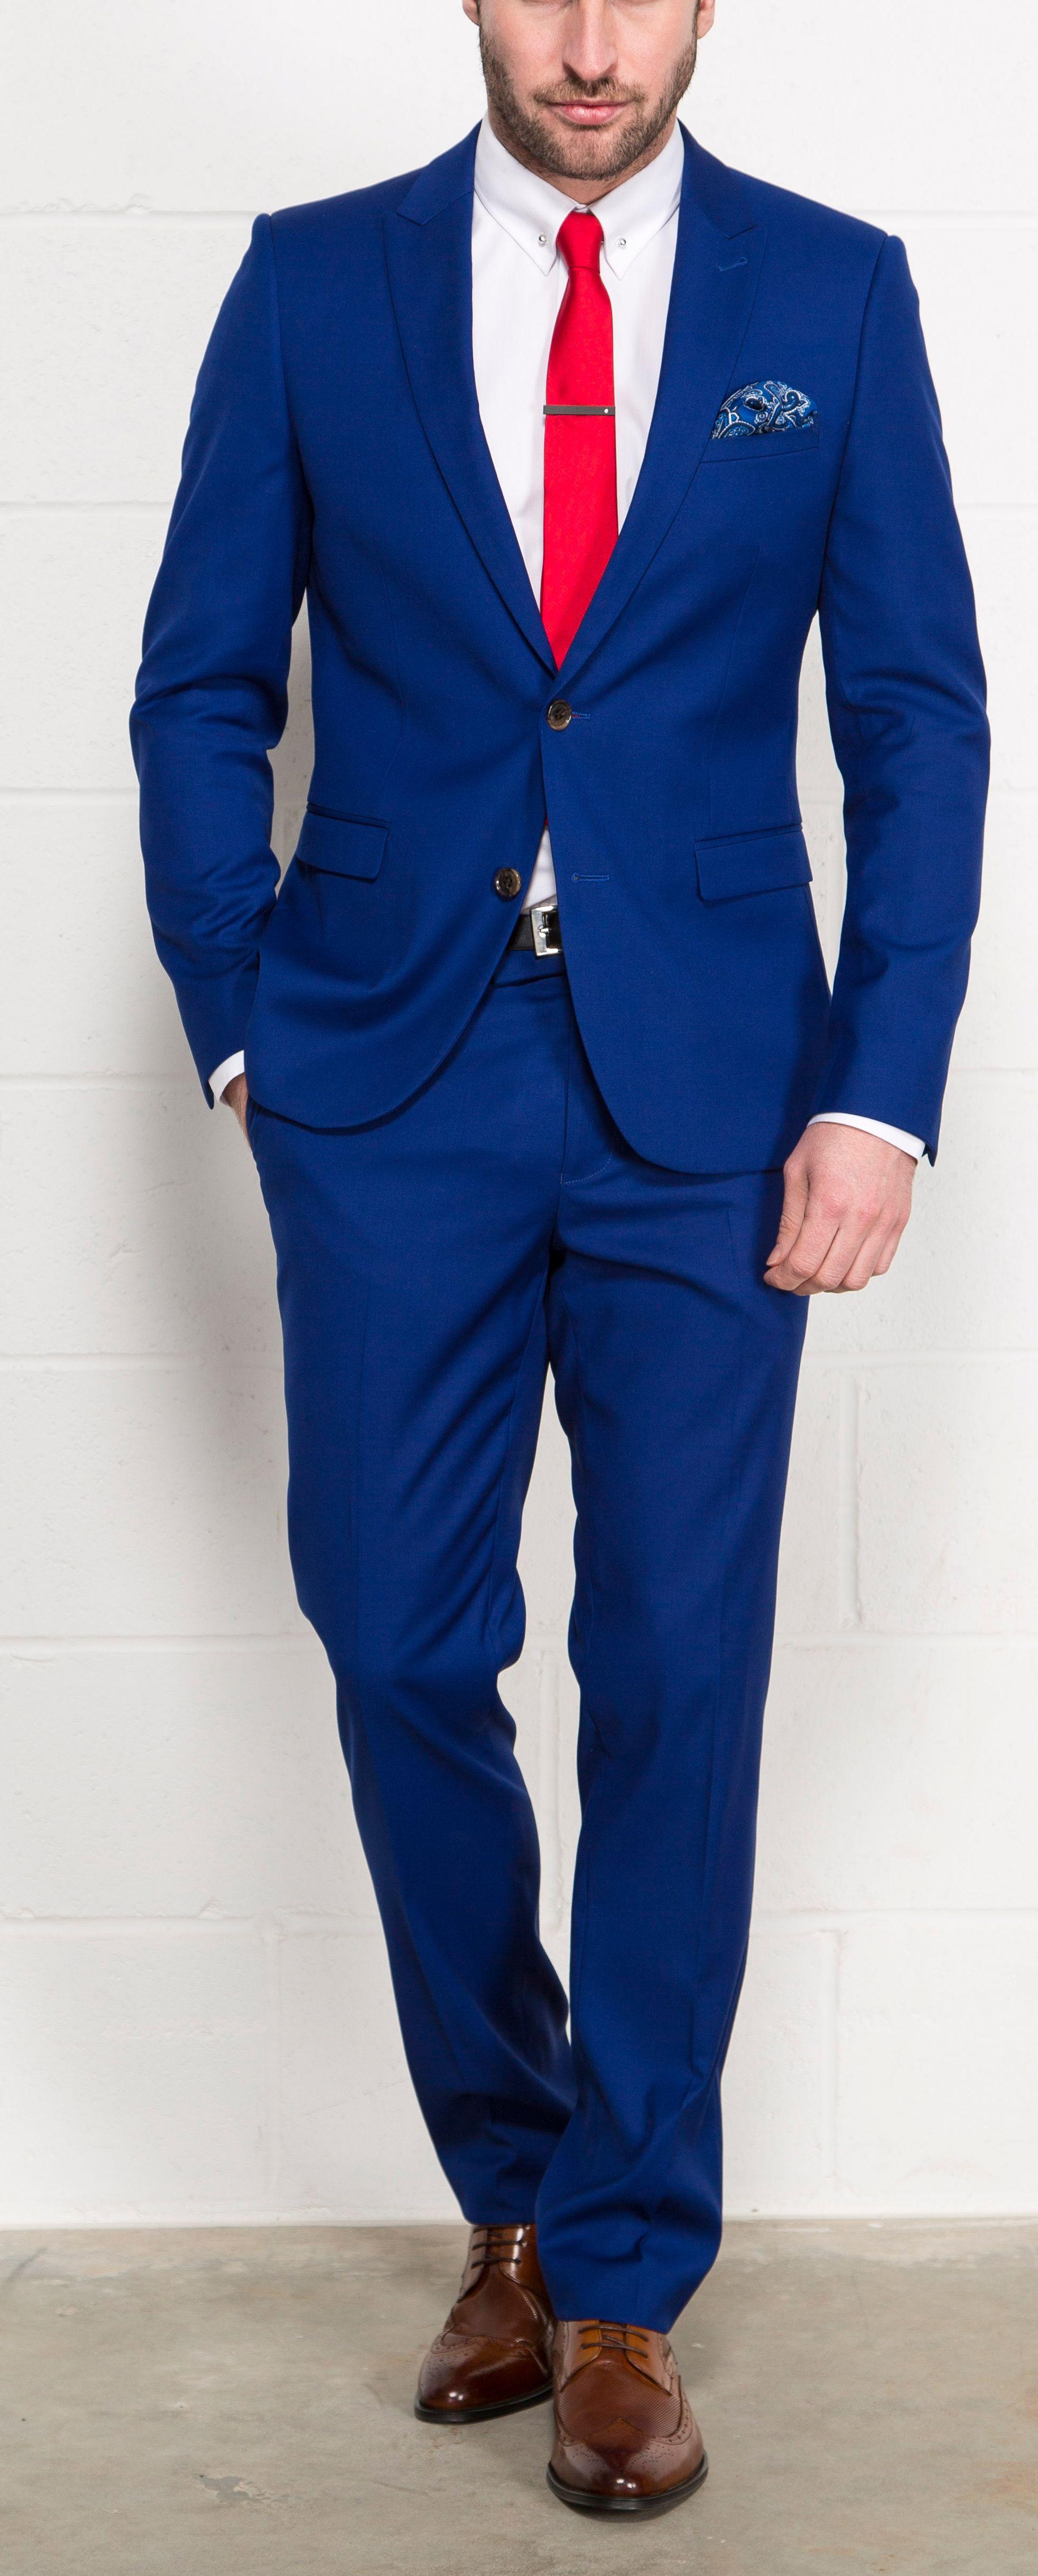 Harry Brown Bold Blue Two Piece Slim Fit Suit Slater Menswear Blue Suit Wedding Wedding Suits Men Blue Suits Men Business